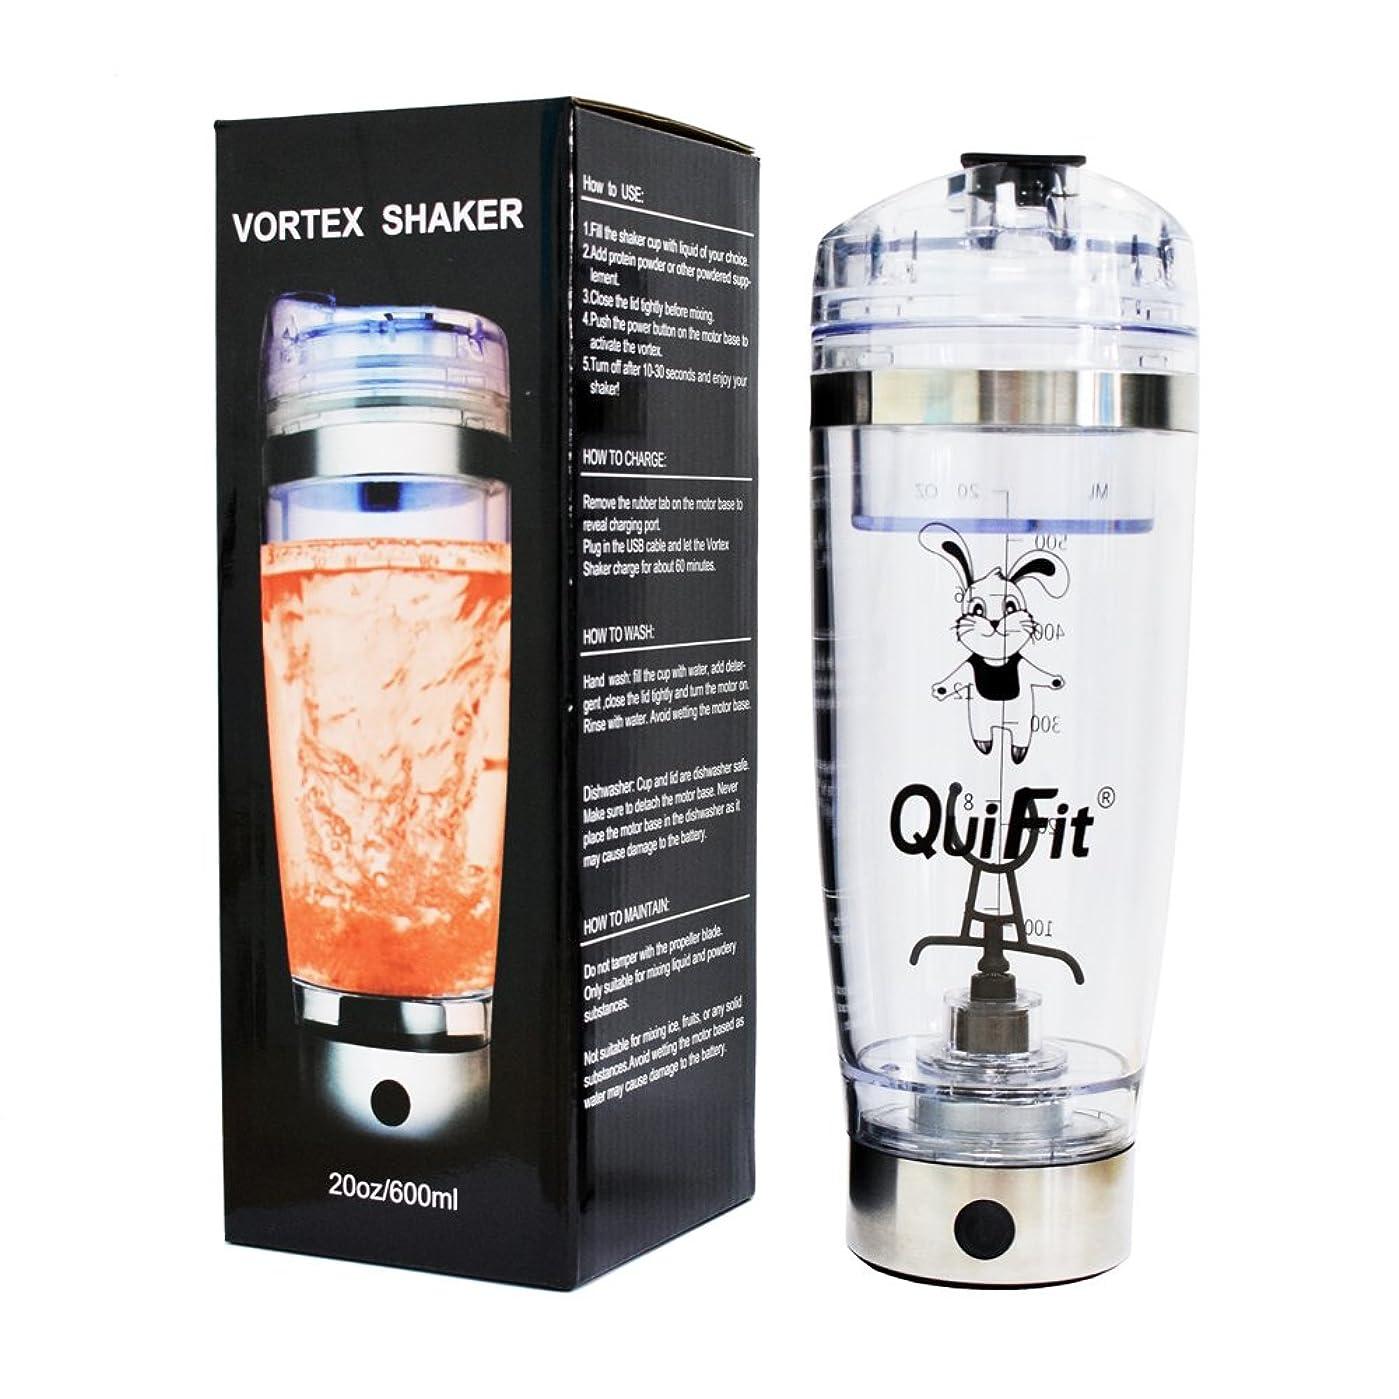 堀プログレッシブ熱望する電気タンパク質振動瓶、QuiFit 20 OZ USB充電式タンパク質スクロールカップ、パウダーシェイクに適した電動ポータブル自動ミキサー、100%リーク防止保証 - BPAなし (600ml)